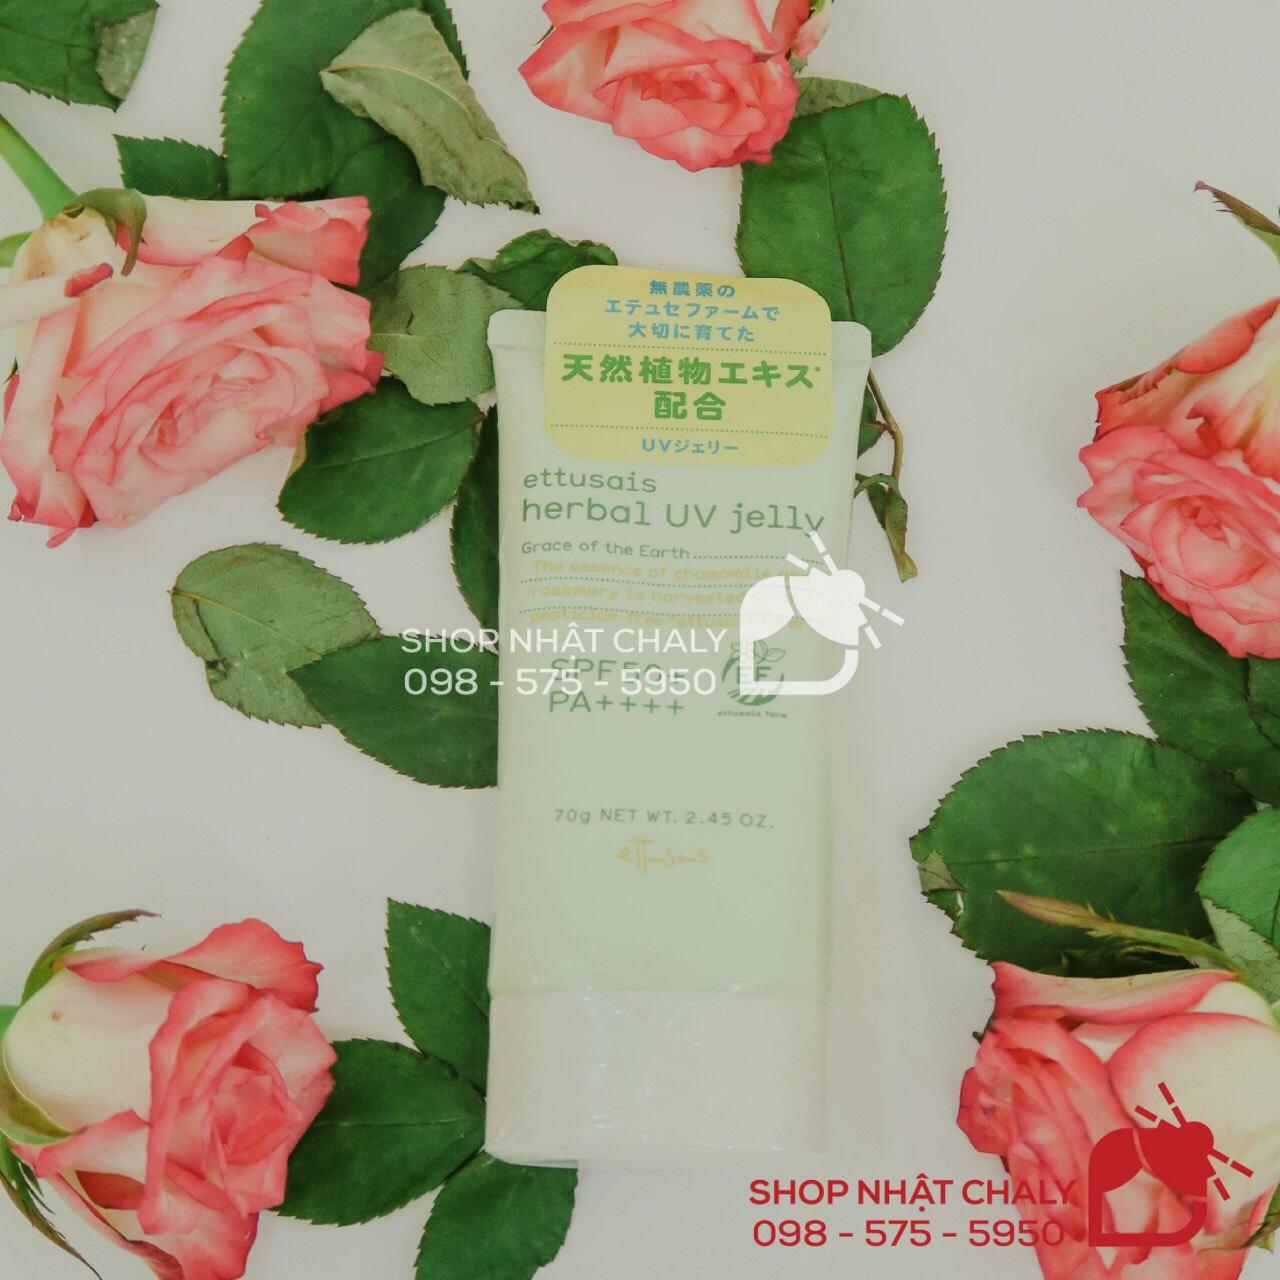 Kem chống nắng Ettusais review cực cao trên các diễn đàn làm đẹp của Nhật bởi kết cấu gel thẩm thấu nhanh và thành phần làm đẹp từ thảo dược